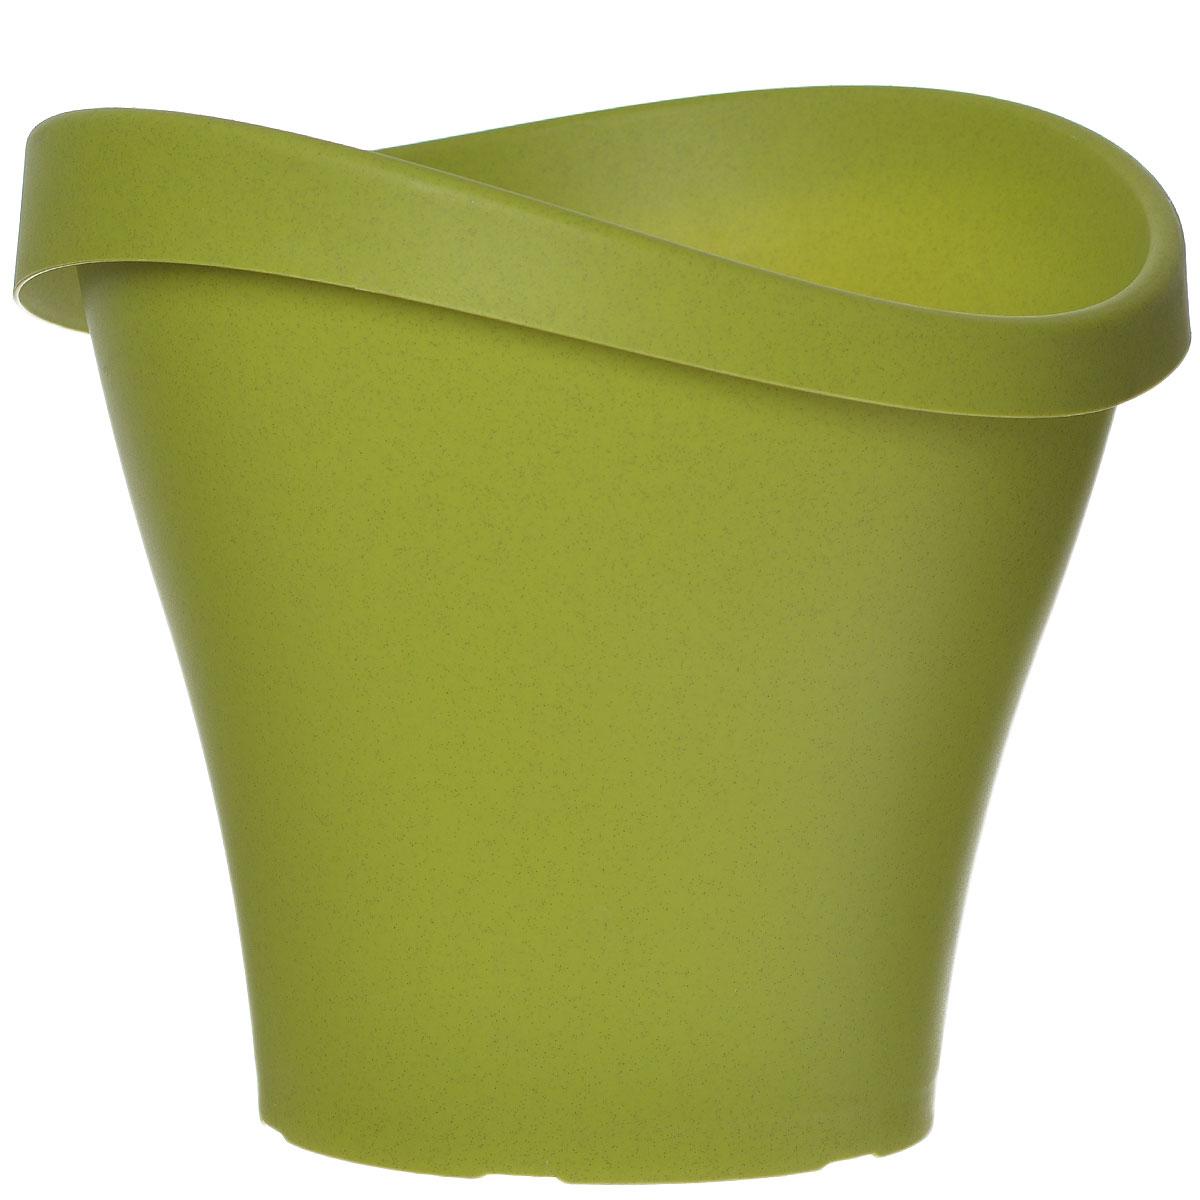 Кашпо для цветов Scheurich, цвет: натуральный зеленый, 10 л10498Кашпо для цветов Scheurich выполнено из прочного пластика. Изделие предназначено для установки внутрь цветочных горшков с растениями.Такие изделия часто становятся последним штрихом, который совершенно изменяет интерьер помещения или ландшафтный дизайн сада. Благодаря такому кашпо вы сможете украсить вашу комнату, офис, сад и другие места.Размер: 33 см х 33 см х 30 см.Объем: 10 л.